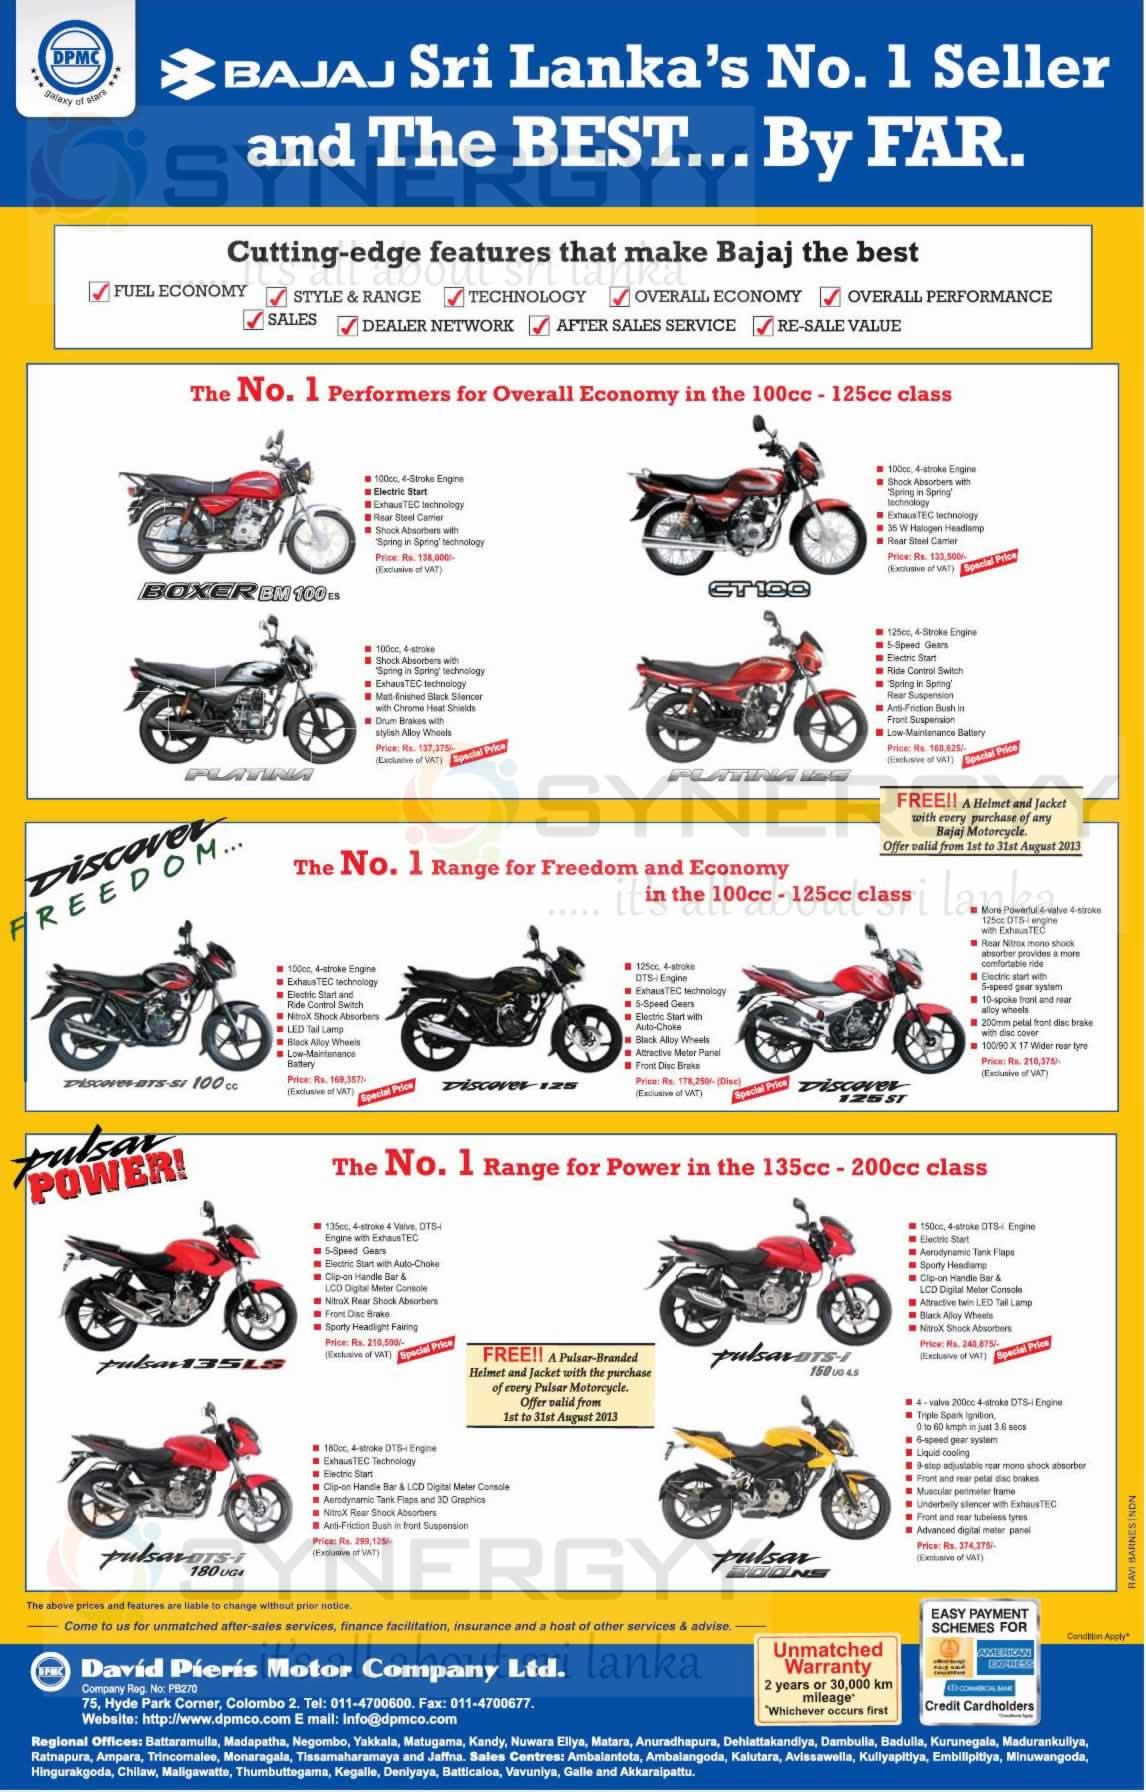 New Motorbike Prices in Sri Lanka Cycle Prices in Sri Lanka